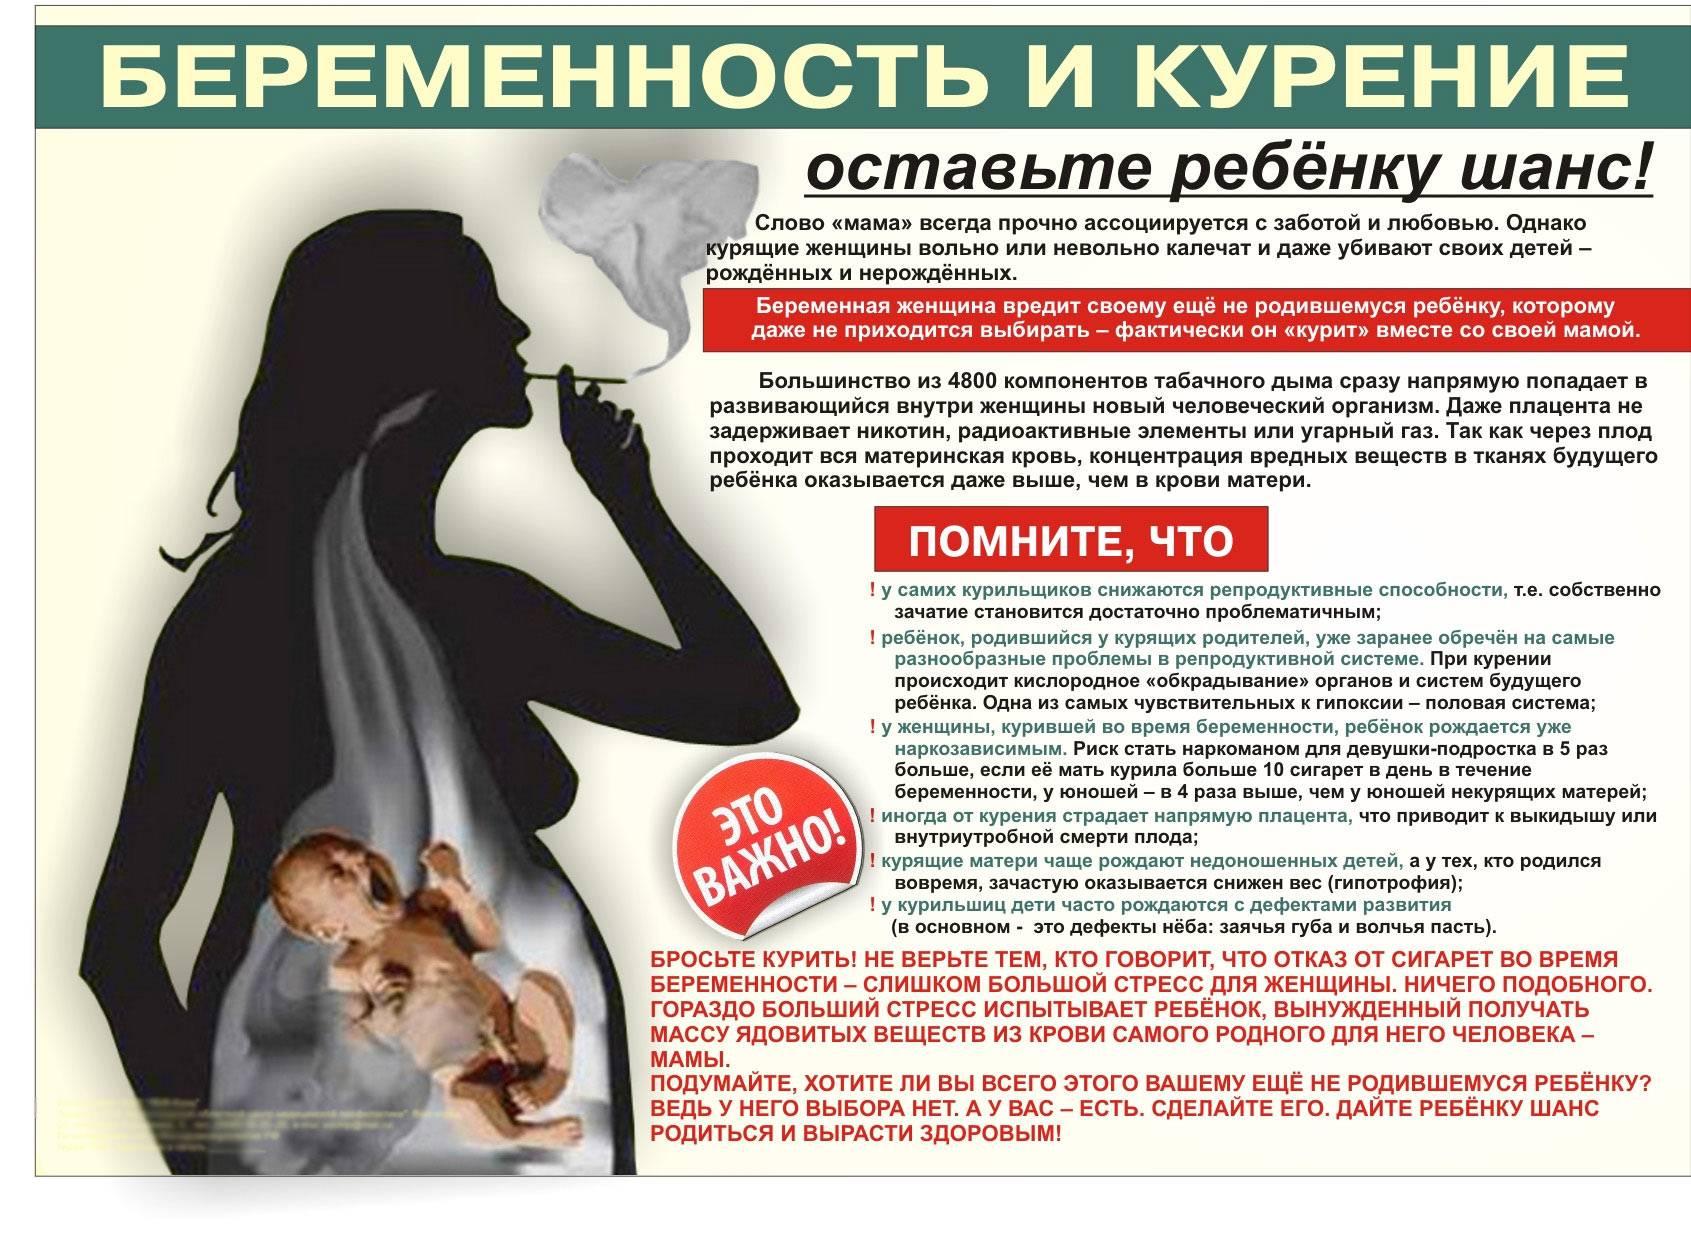 Последствия курения, влияние на здоровье человека